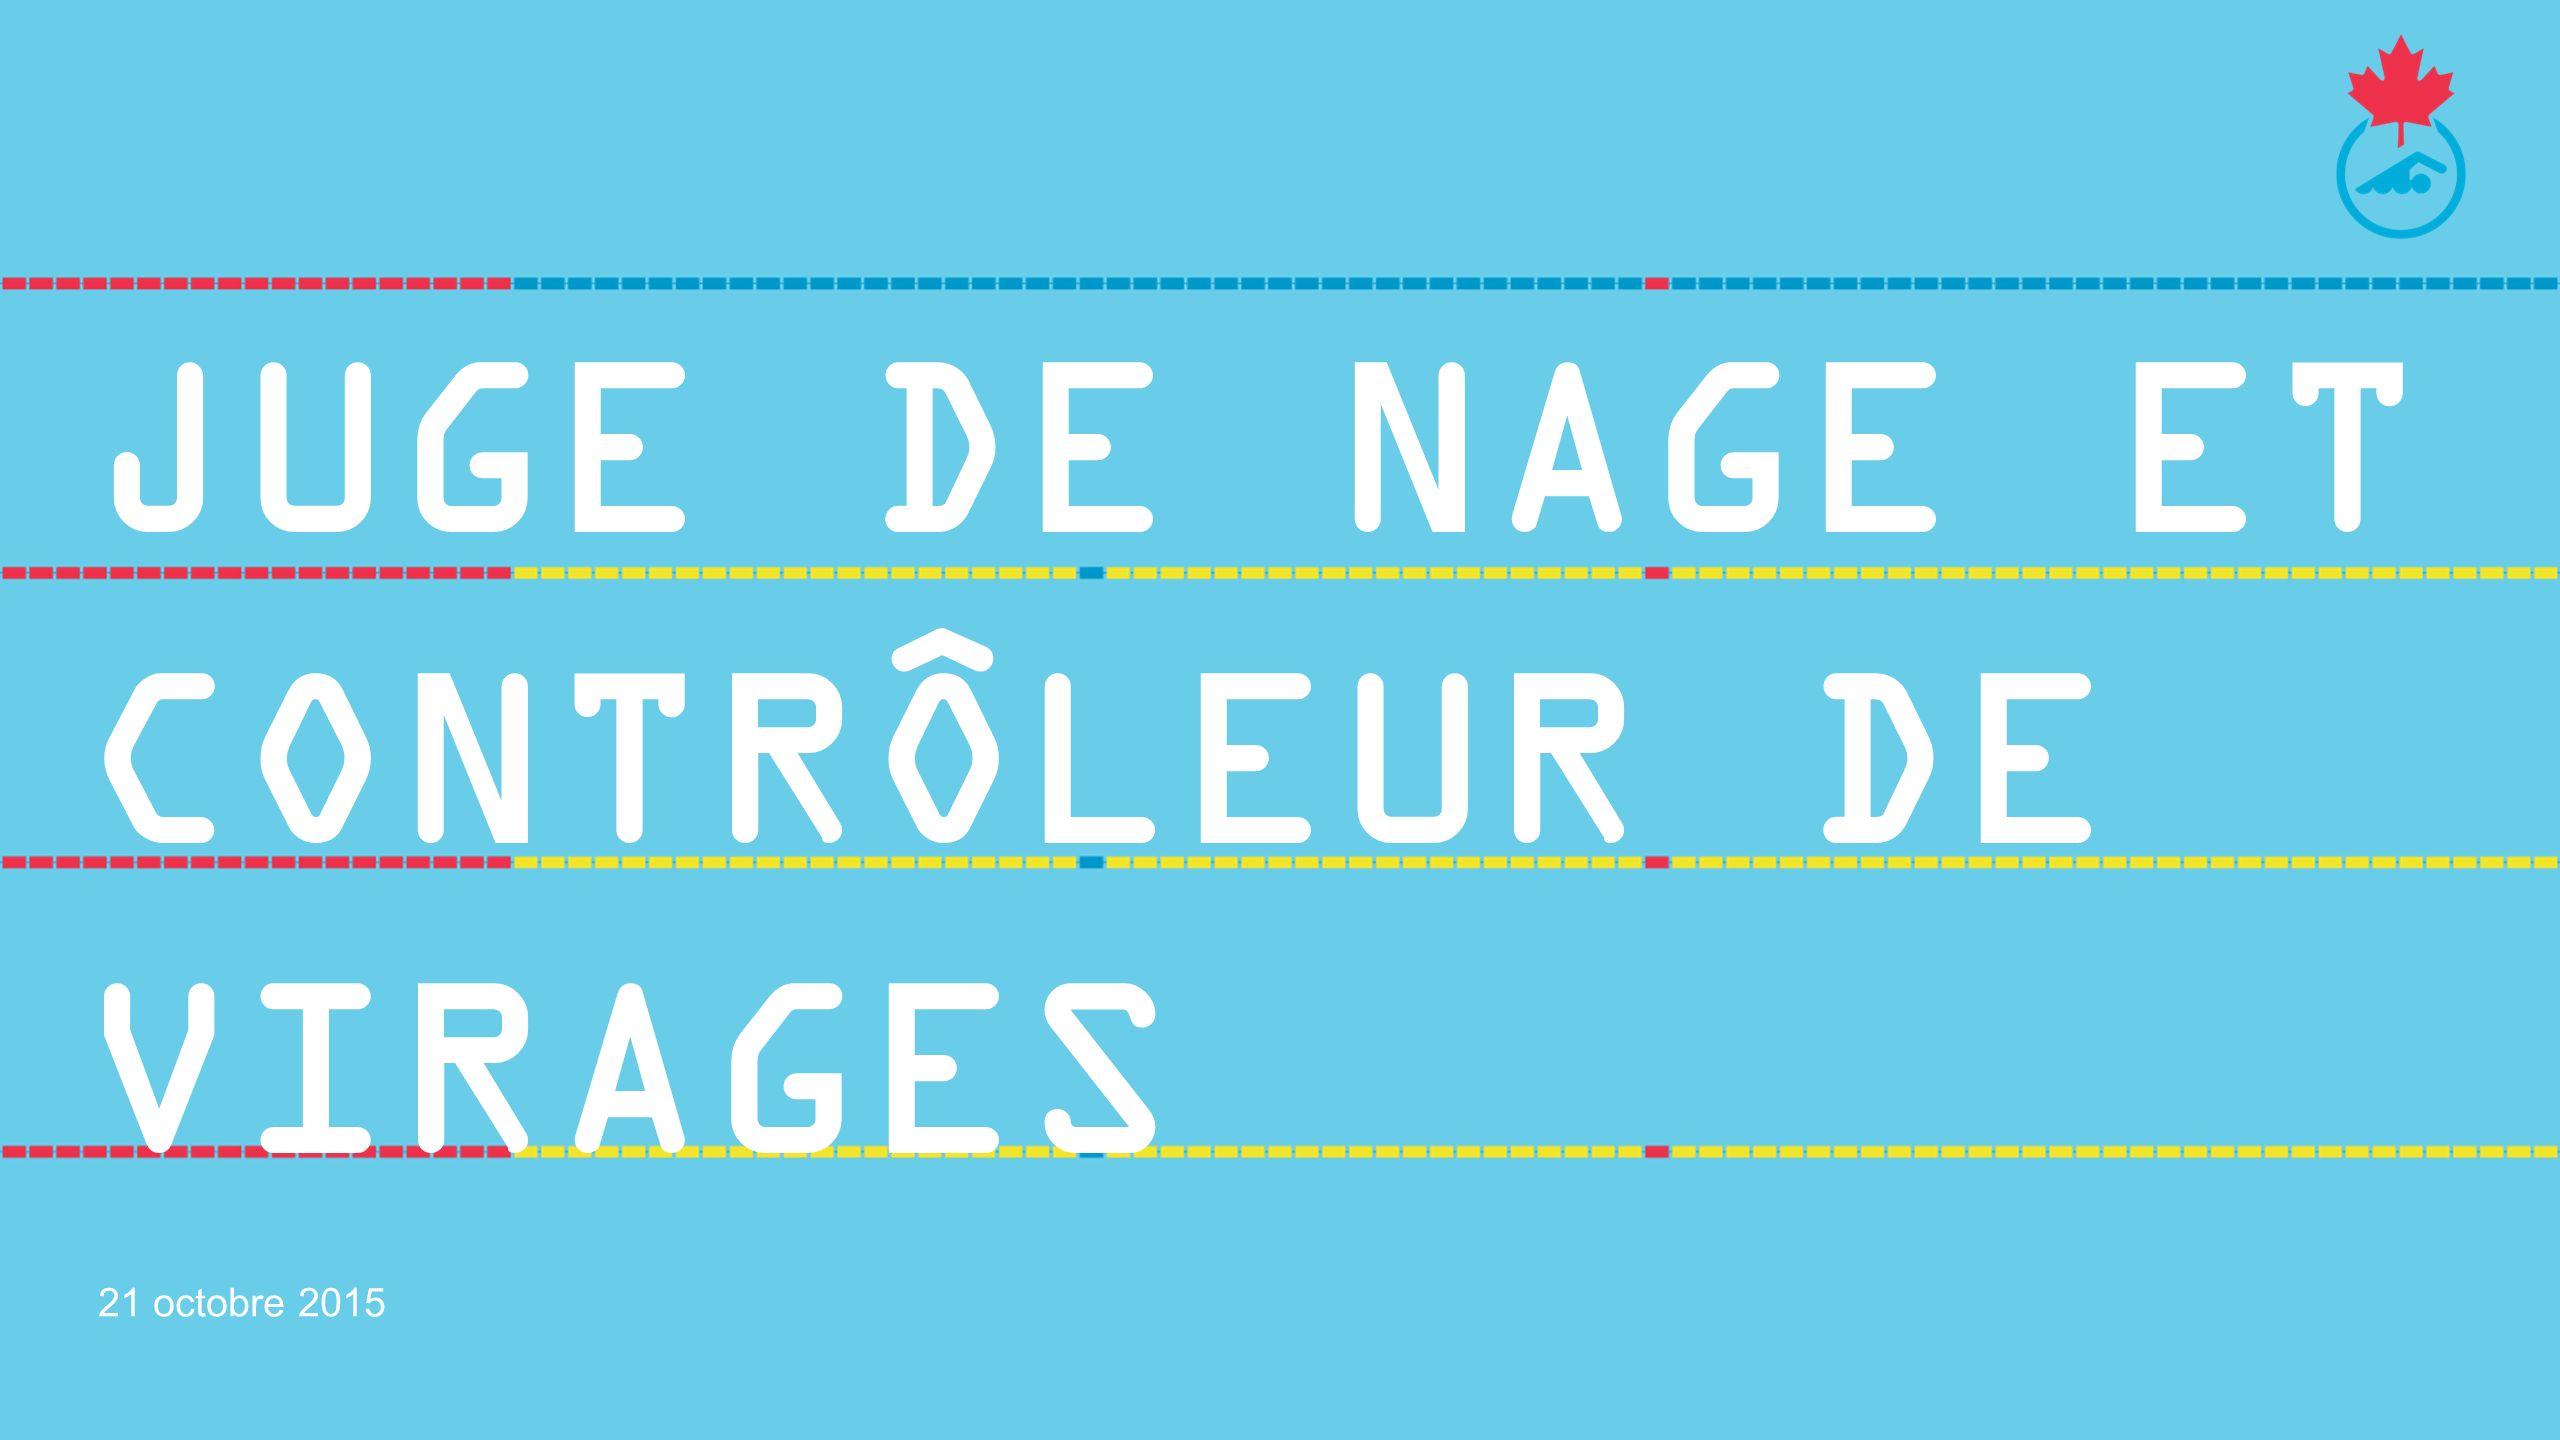 JUGE DE NAGE ET CONTRÔLEUR DE VIRAGES 21 octobre 2015